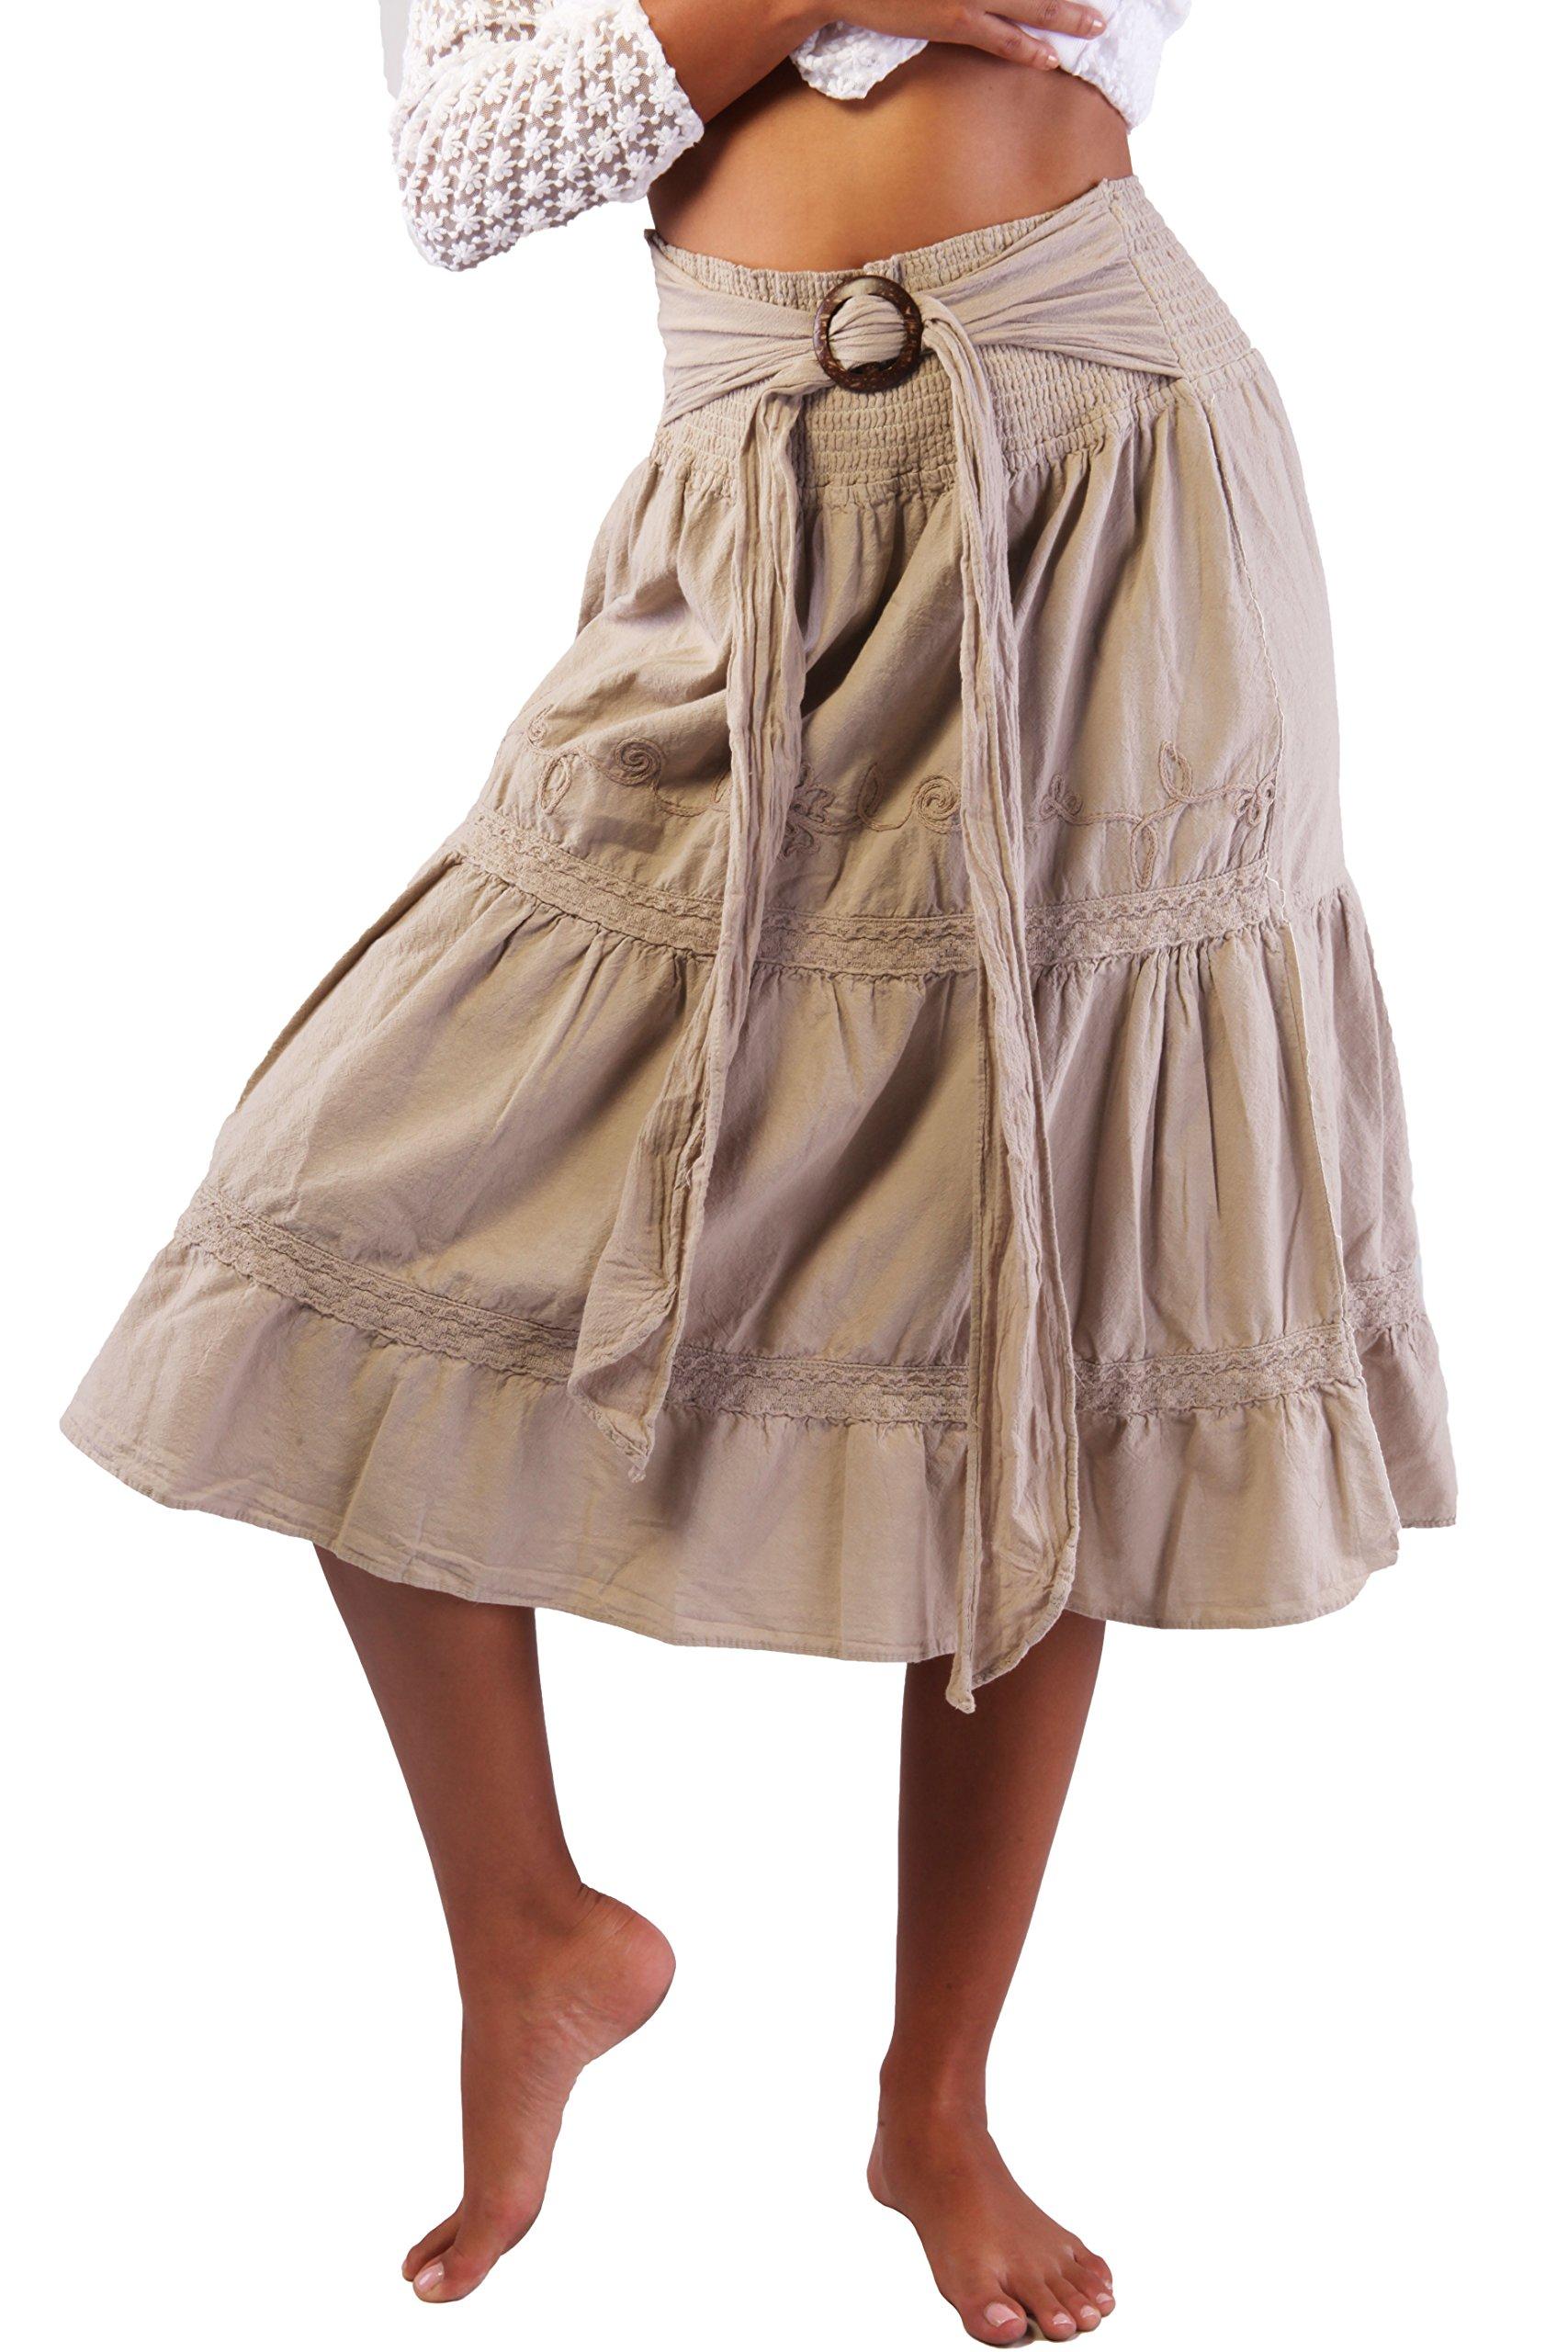 COTTON ORGANIC Women's Long Bohemian Hippie Skirt Boho White Tie Up Waist Summer Beach Wrap Maxi Skirt (Beige, Large)